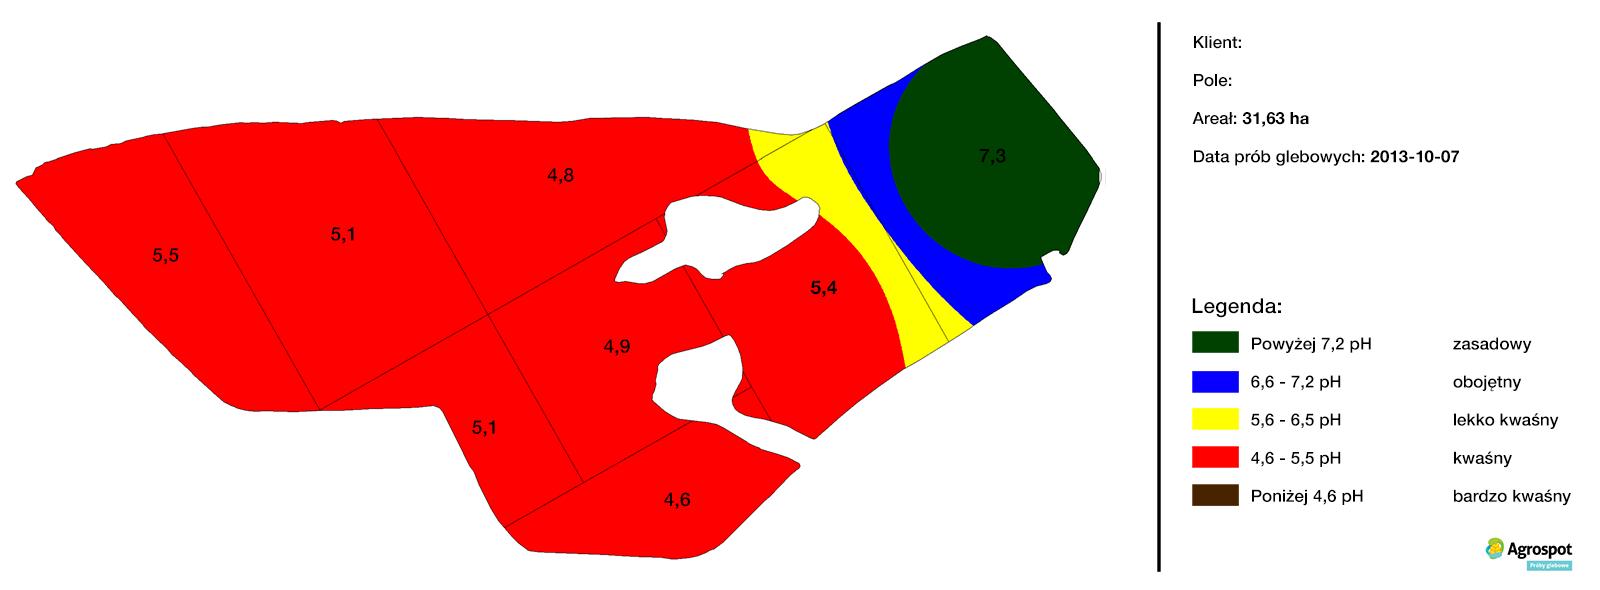 Mapa zasobności glebowej pH